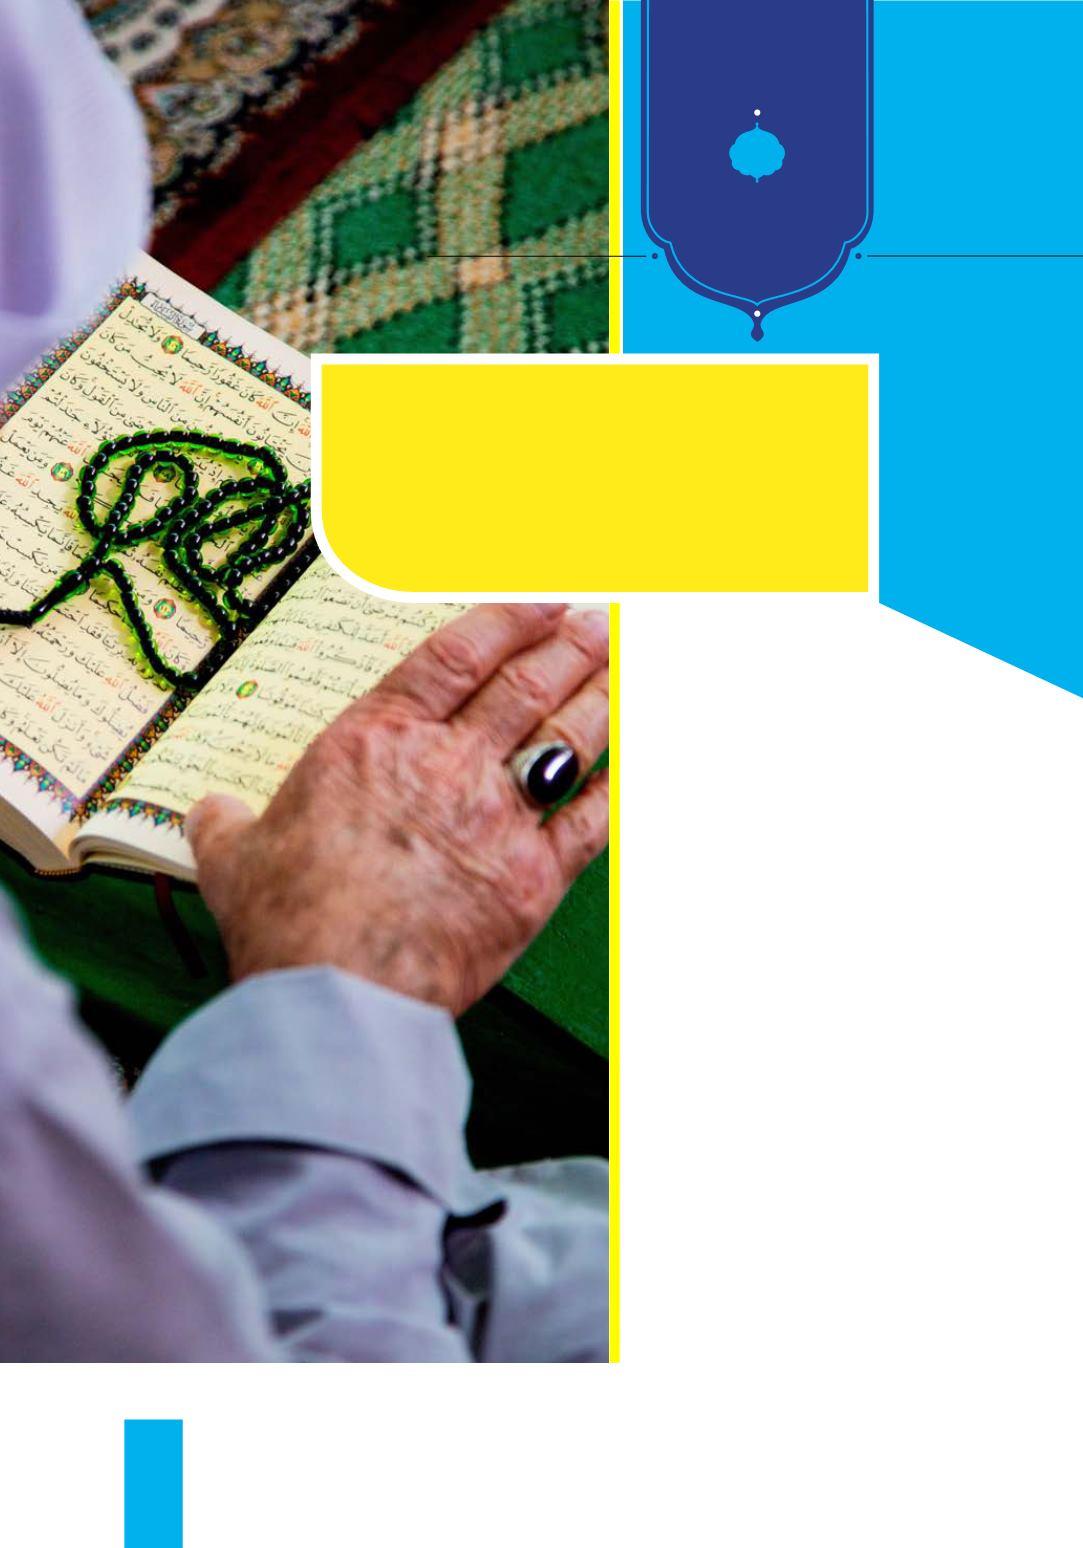 أنواع أساليب التواصل في القرآن الكريم دواعي التواصل وضوابط وعوائق التواصل وضرورته في حياة الإنسان